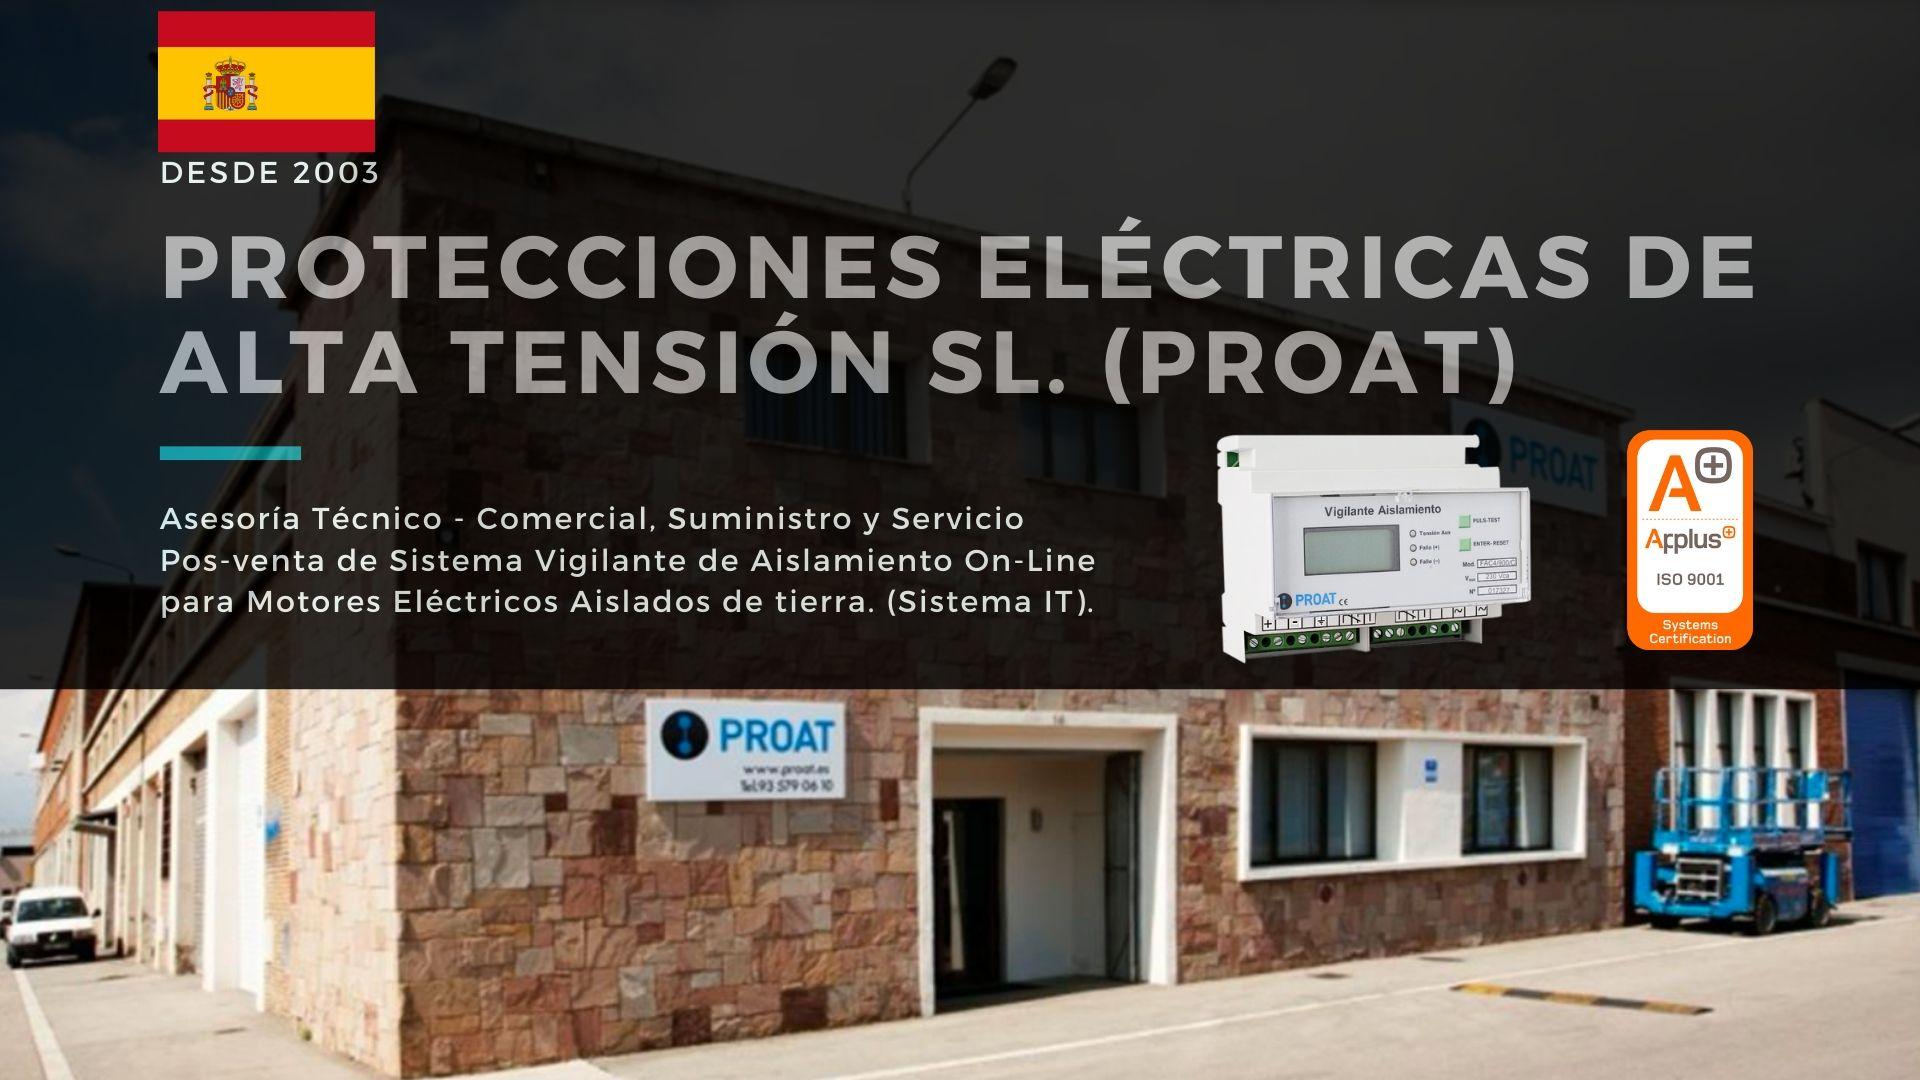 Protecciones eléctricas de alta tensión